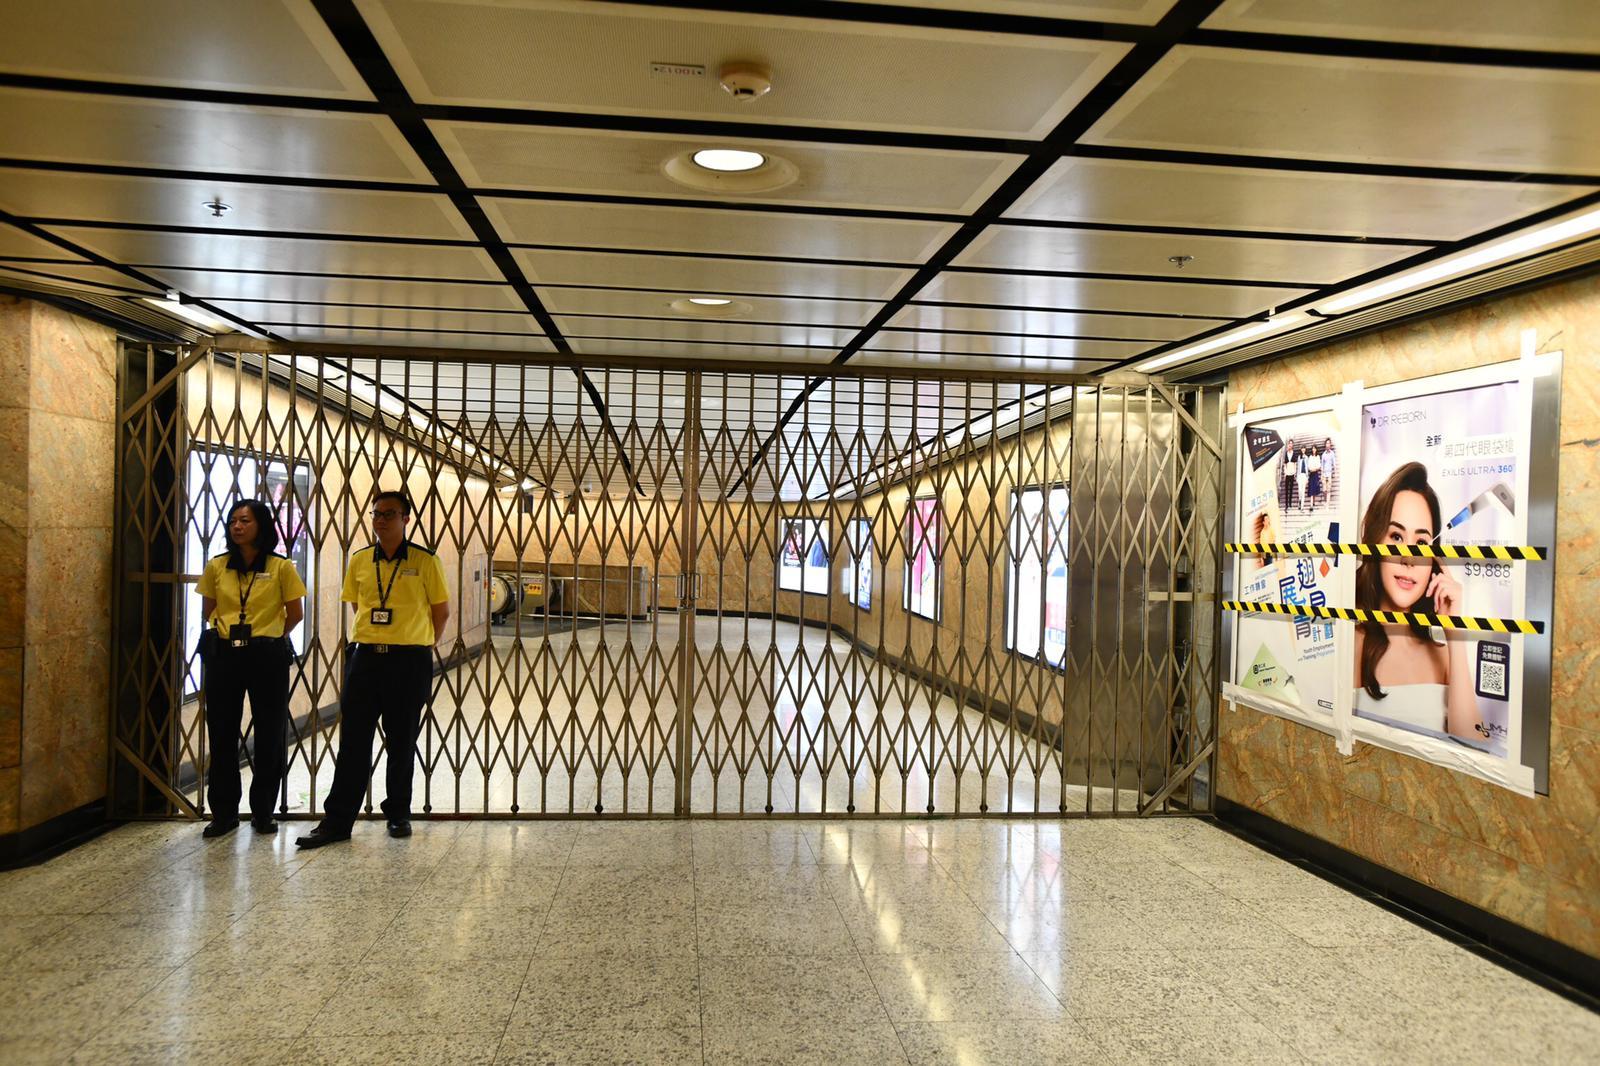 【修例风波】旺角站多部售票机闸机受破坏 客户中心玻璃破裂需围封